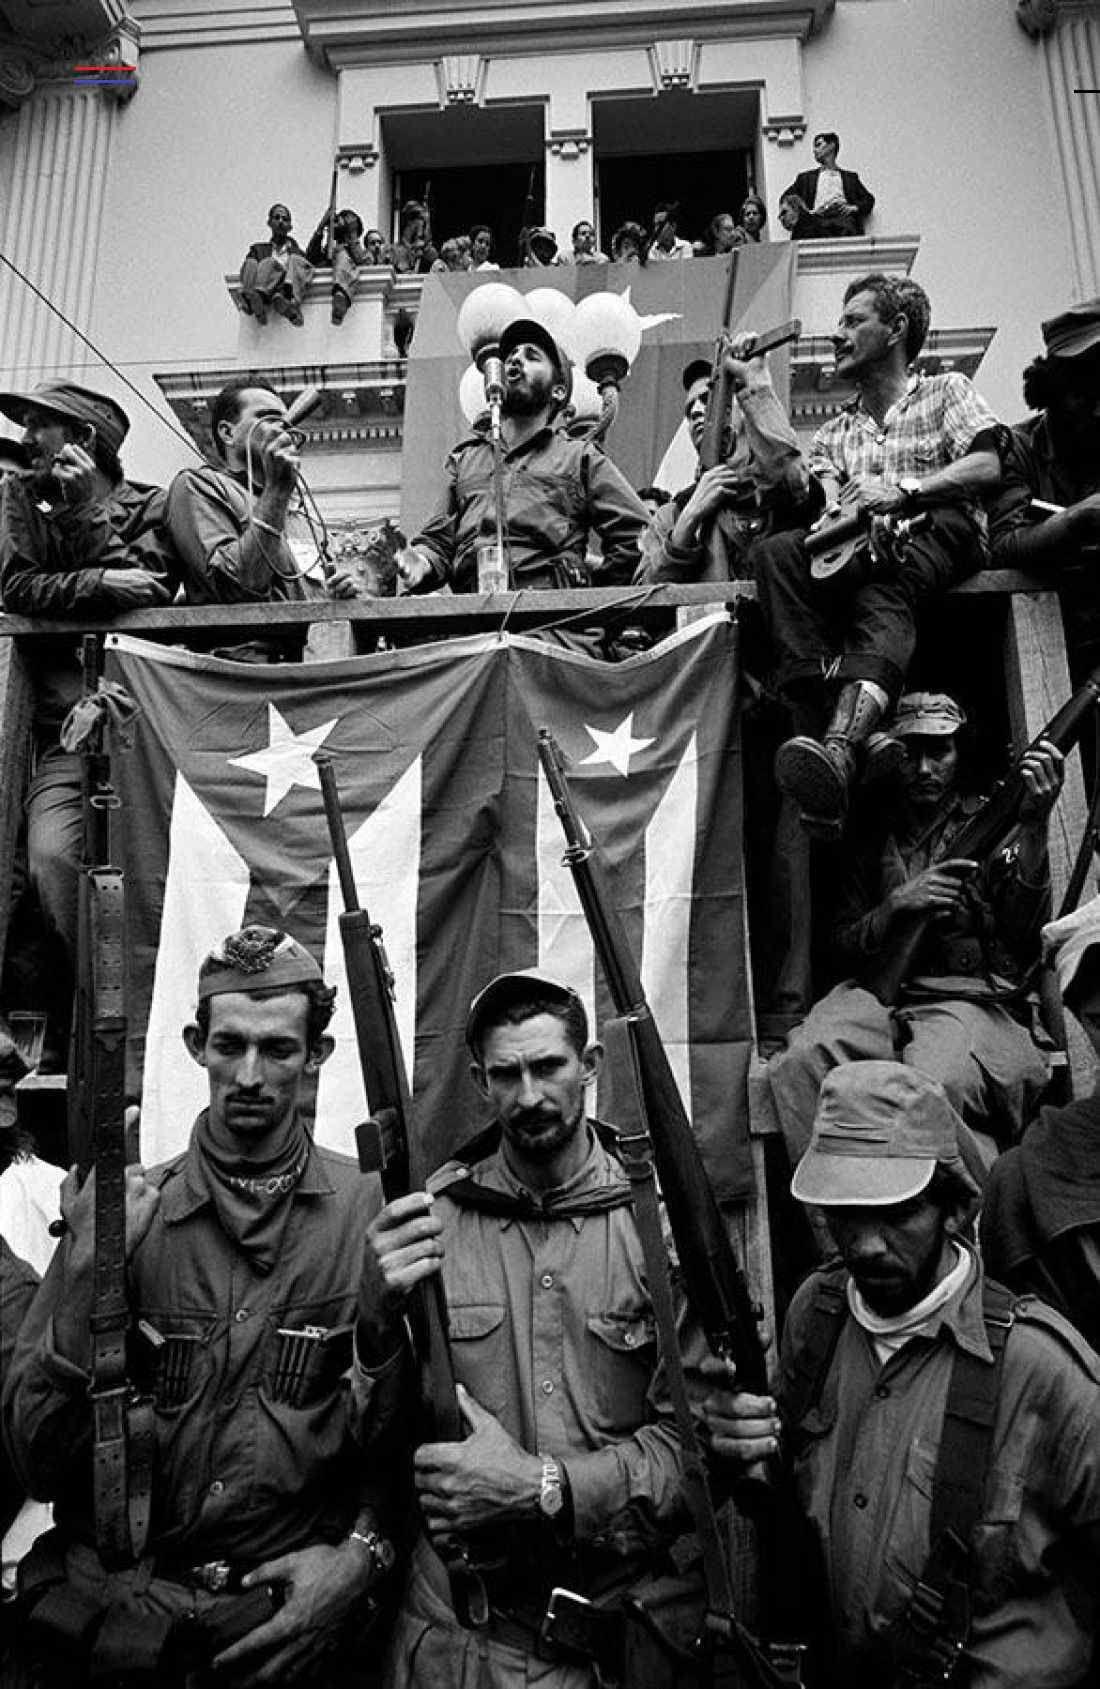 Fidel Castro delivering an hourslong speech. Cuba, 1959